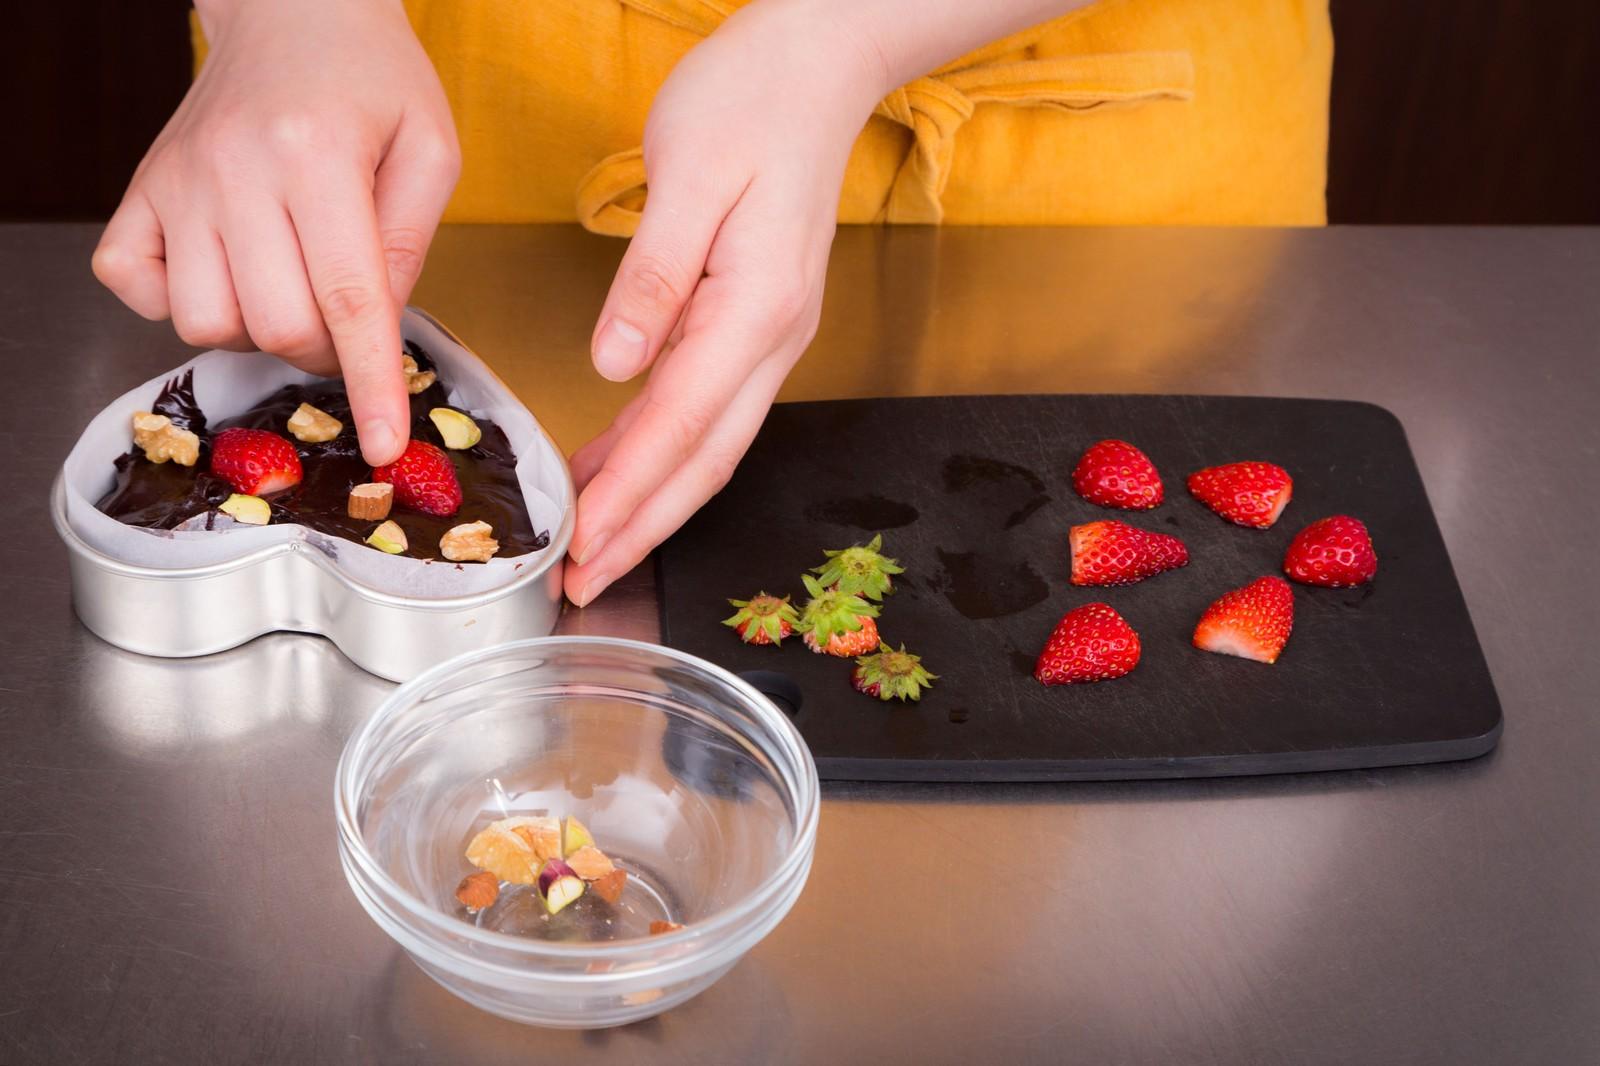 お菓子の手作りキットならお菓子作りが始めての人でも簡単に美味しいお菓子が作れます